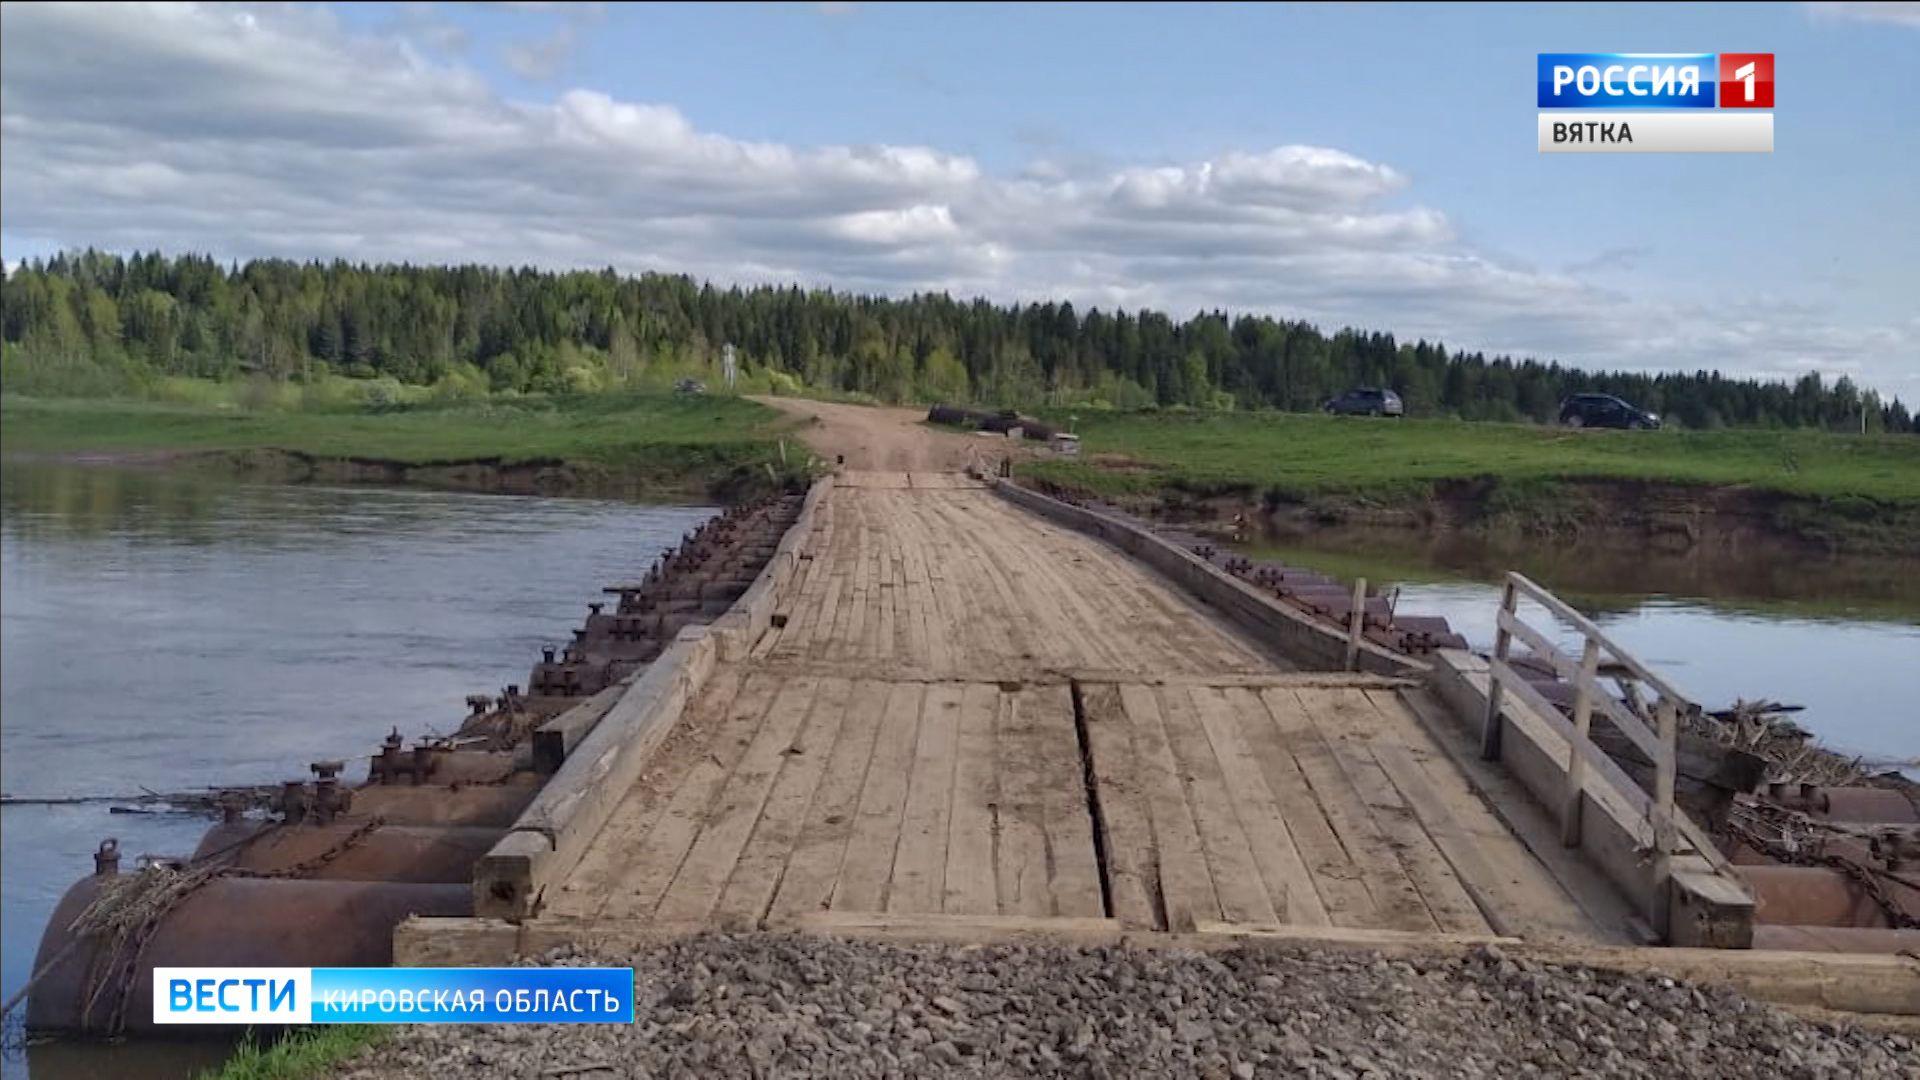 Восстановление понтонных мостов в регионе запланировано на июнь